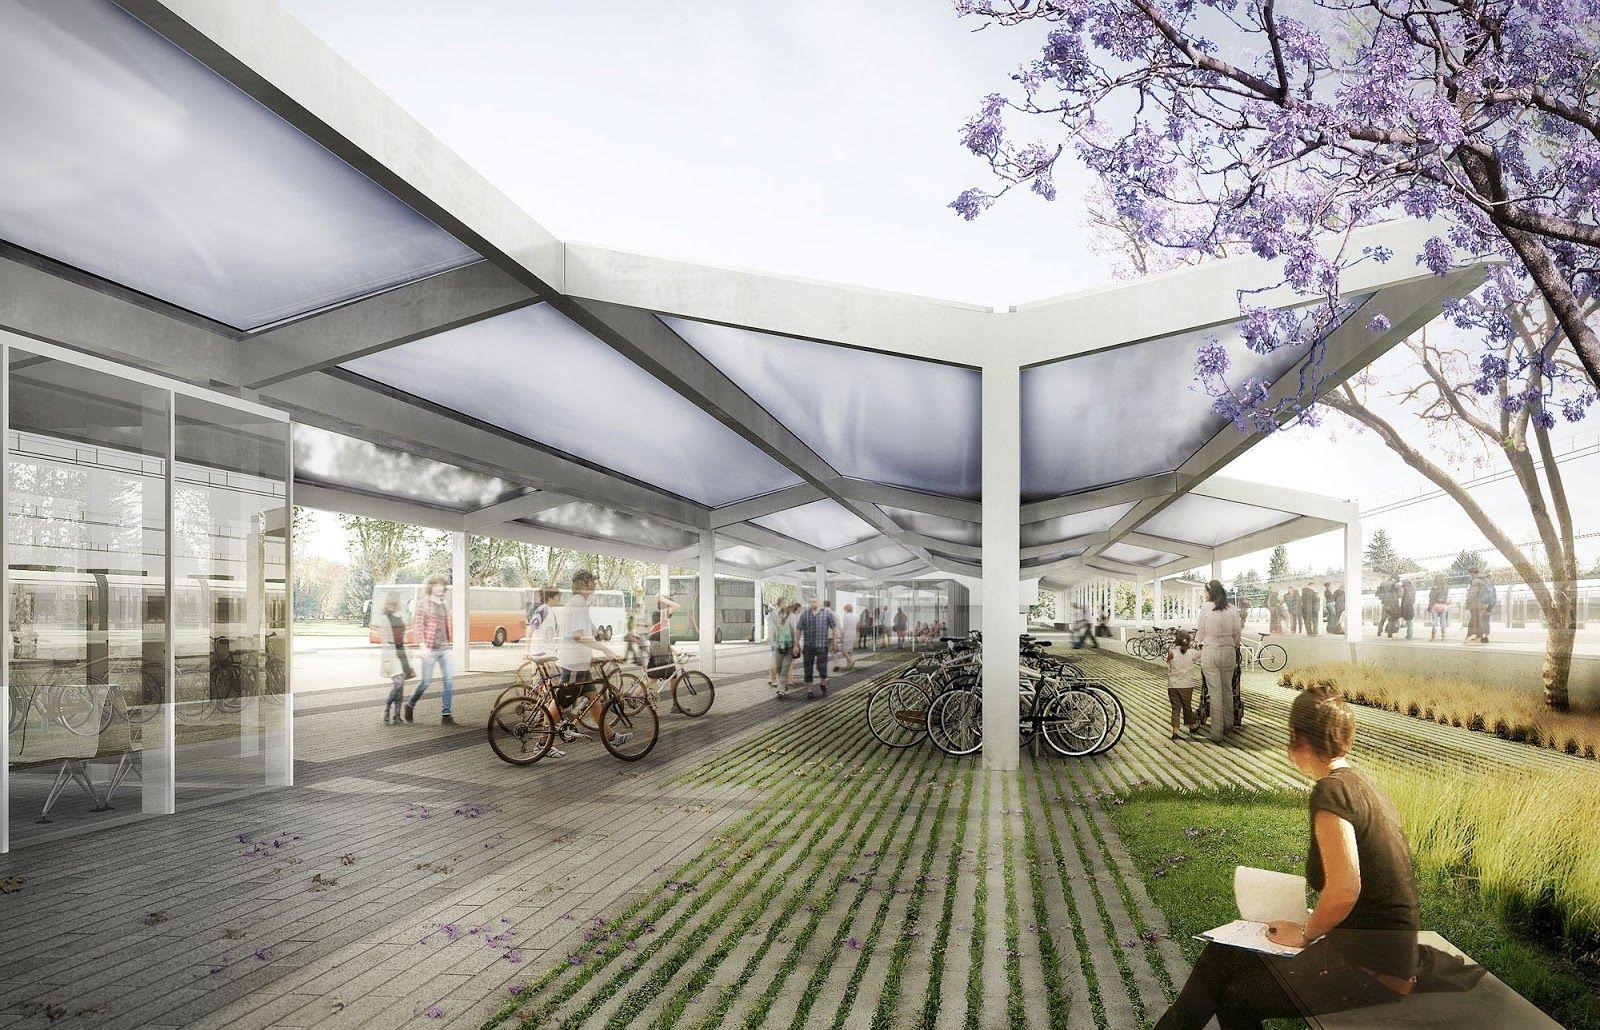 A f a s i a archzine future architecture pinterest for Mobiliario urbano contemporaneo